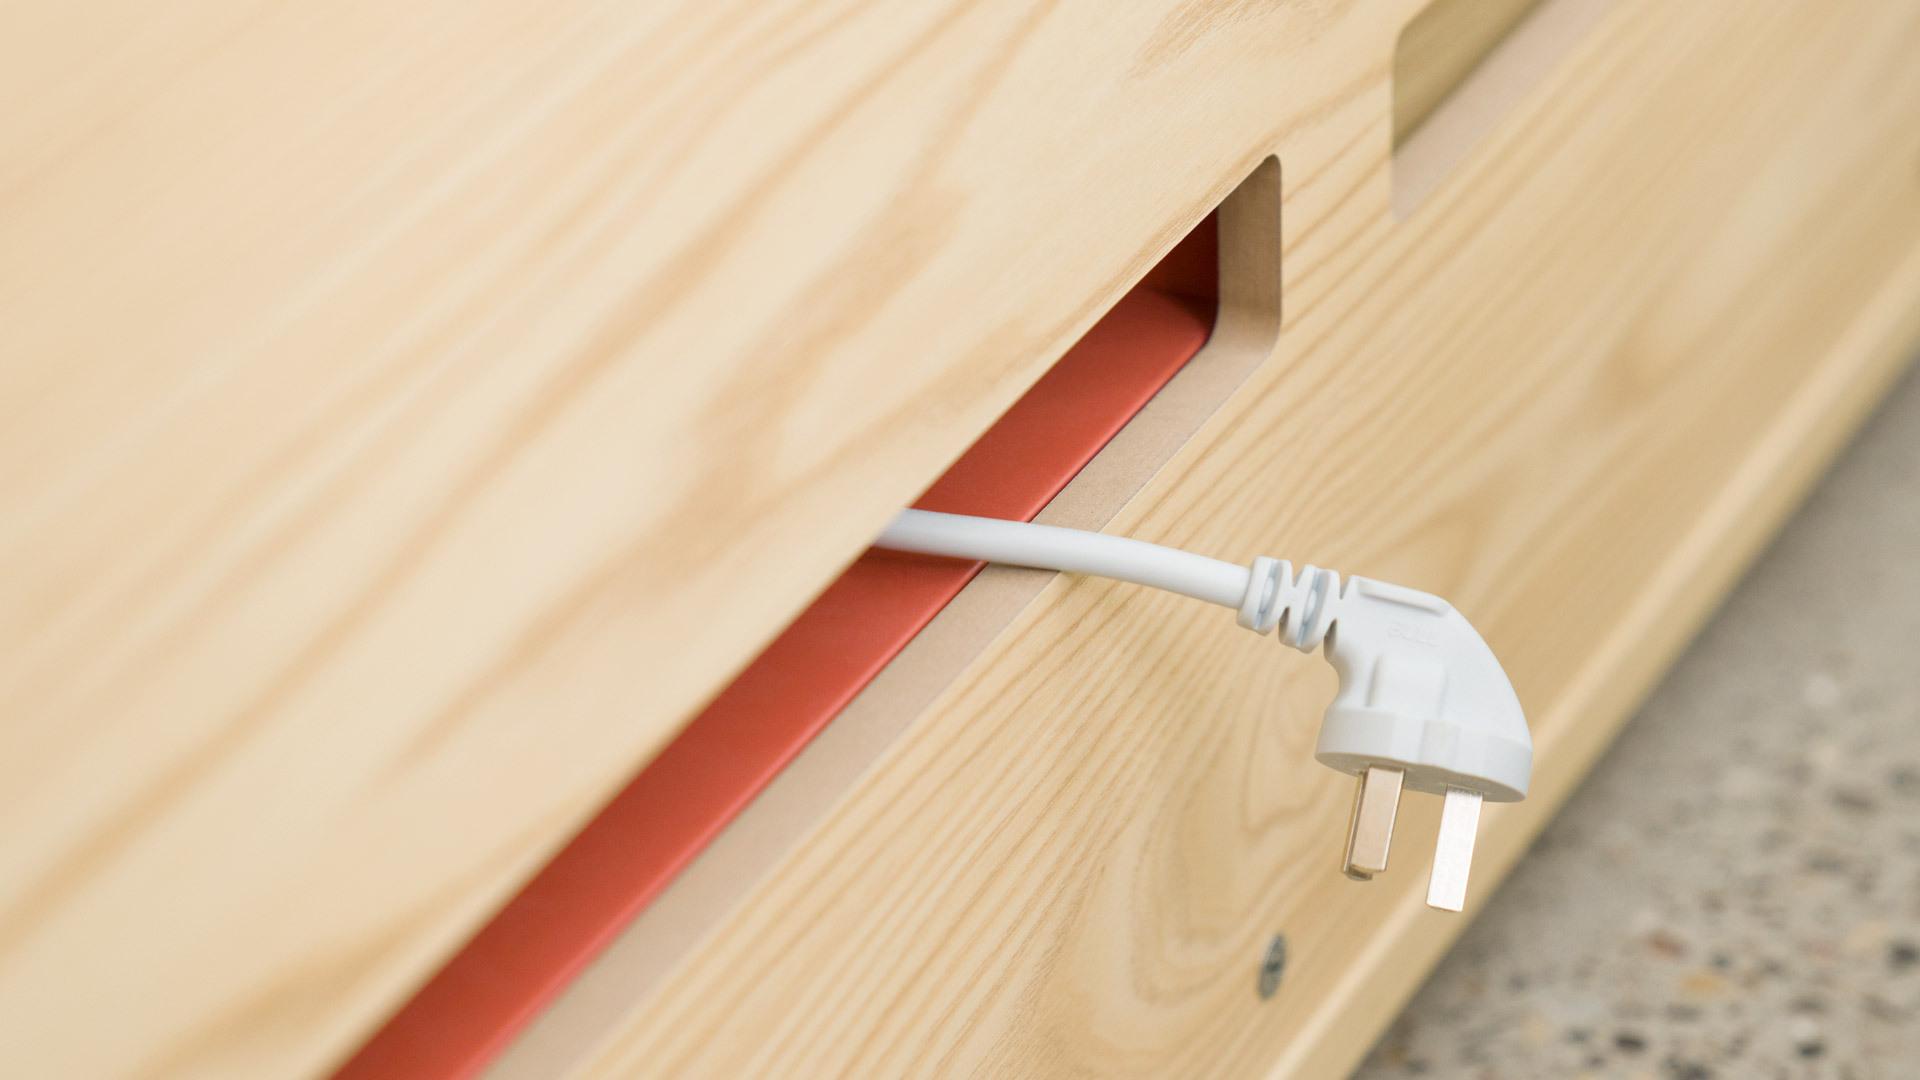 隐去柜面杂乱电线<br/>各类型插头均可通过